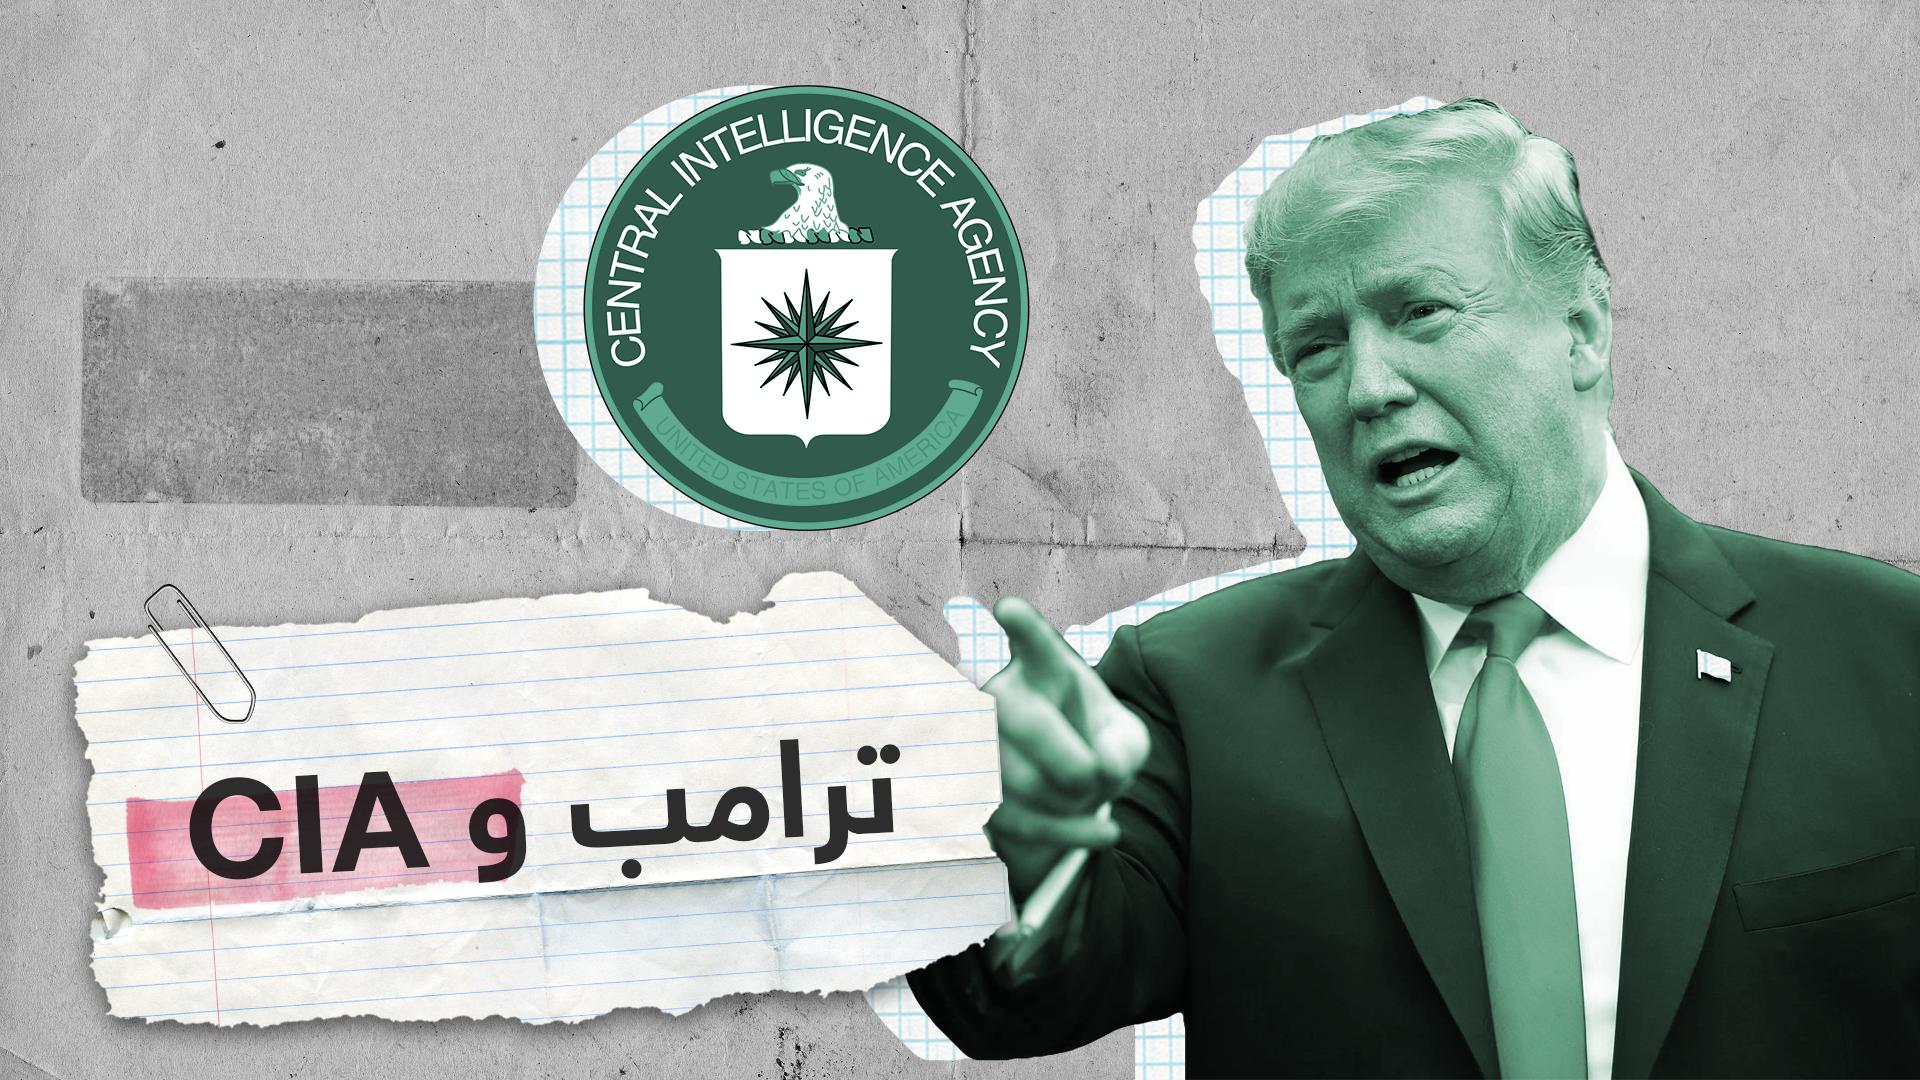 ترامب يعتبر CIA خارجة عن السيطرة ولديه